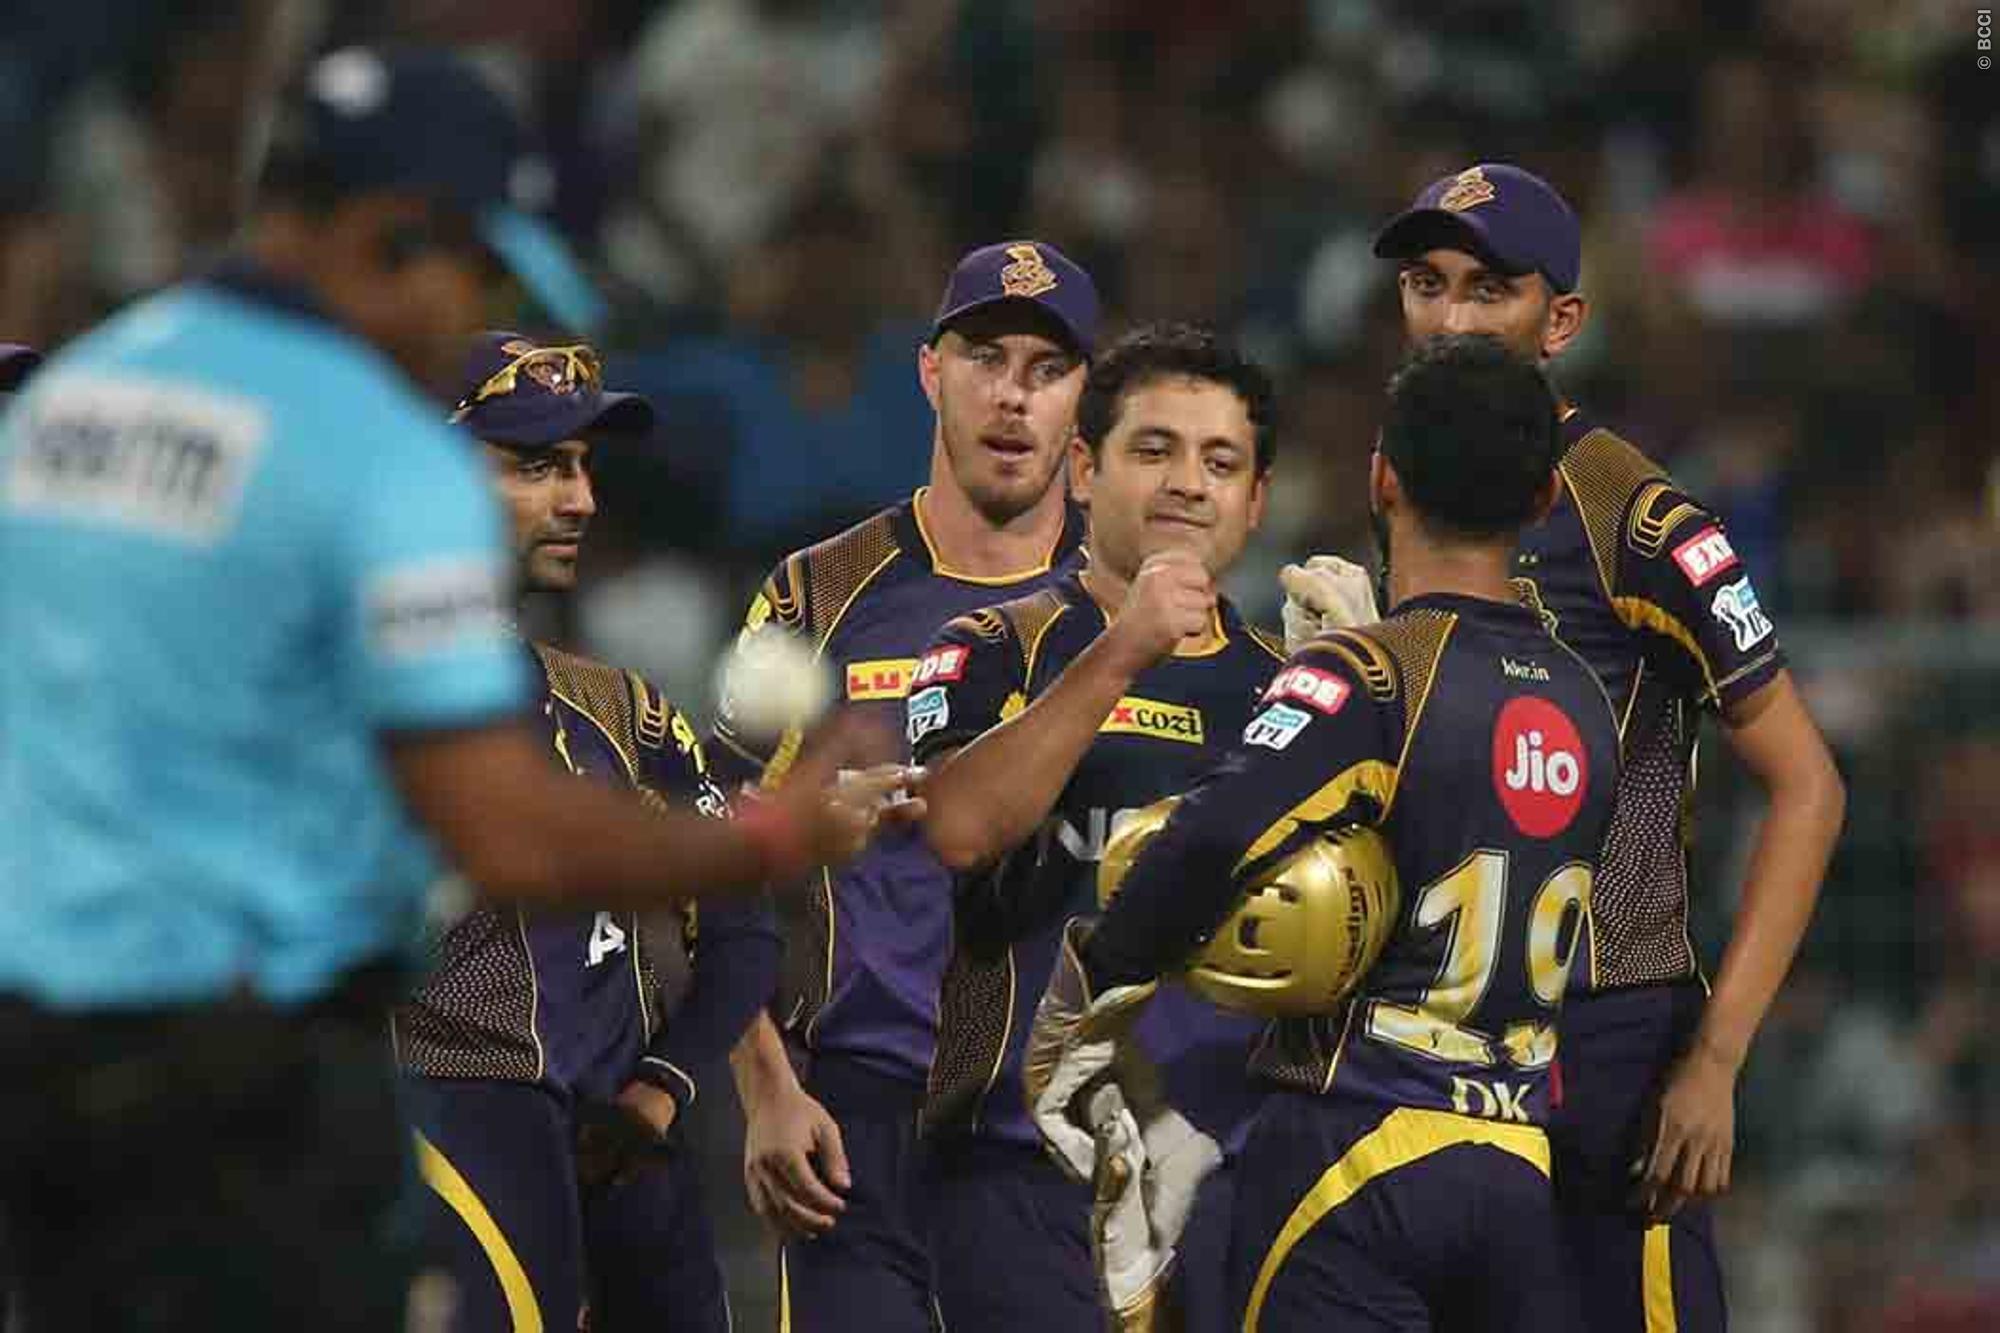 राजस्थान की हार के बाद लोगो ने रहाणे पर उतारा अपना गुस्सा, वही सर जडेजा ने रहाणे की धीमी बल्लेबाज़ी का उड़ाया मजाक 15